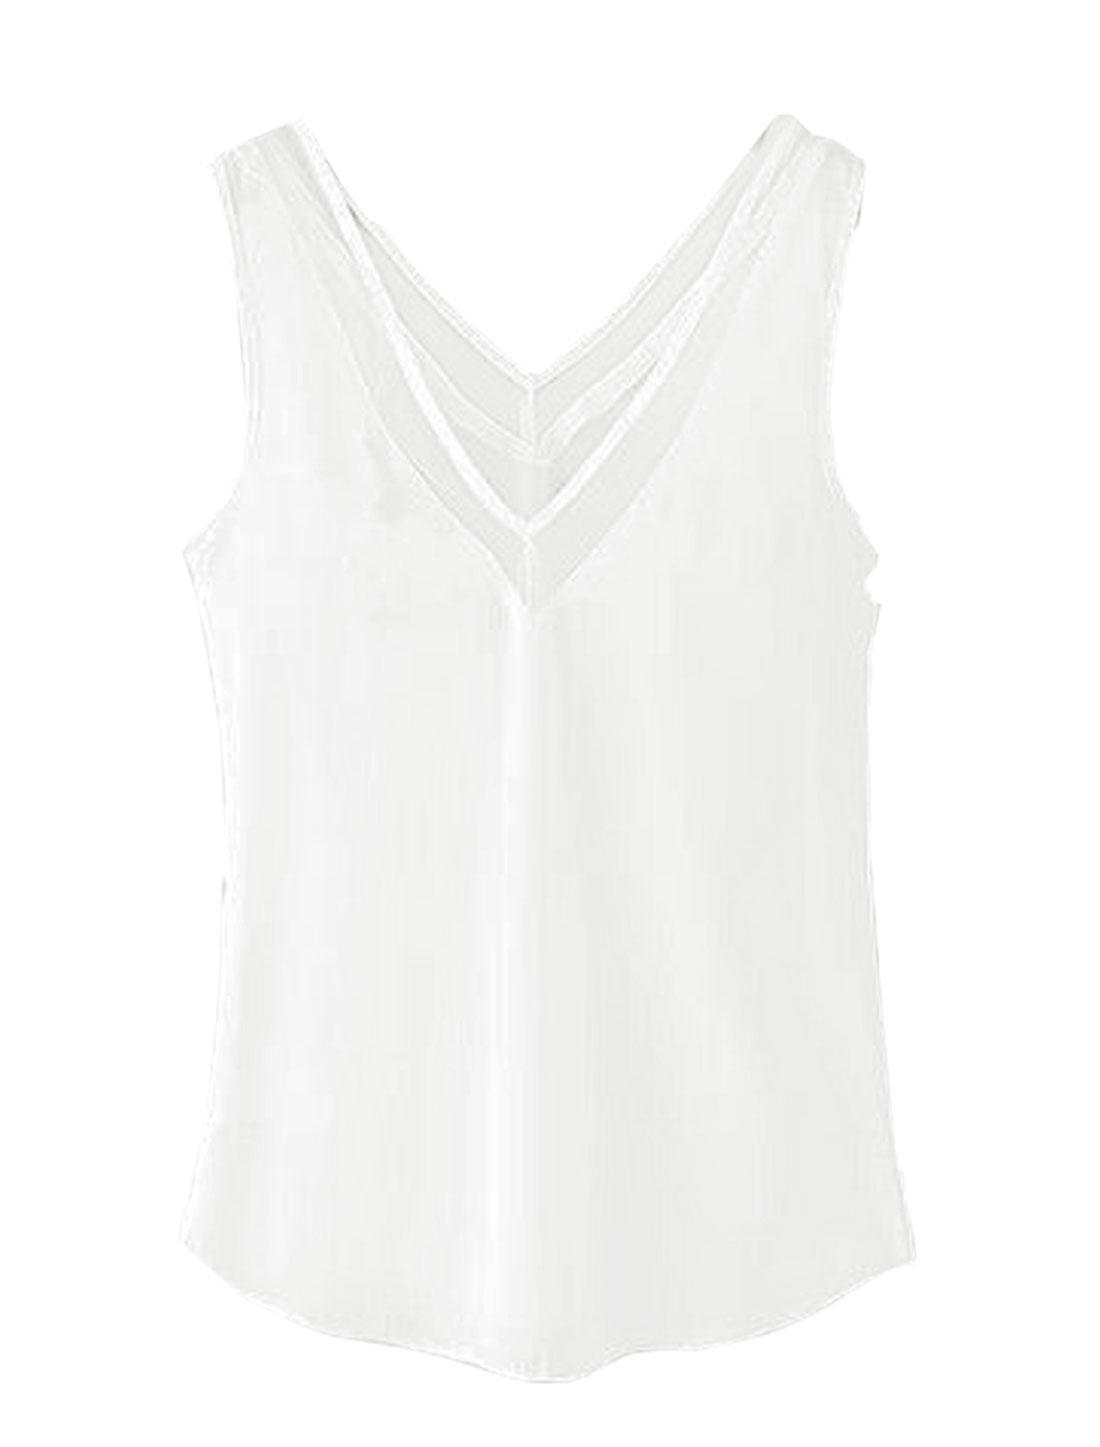 Women Deep V Neck Sleeveless Panel Design Casual Tops White XS